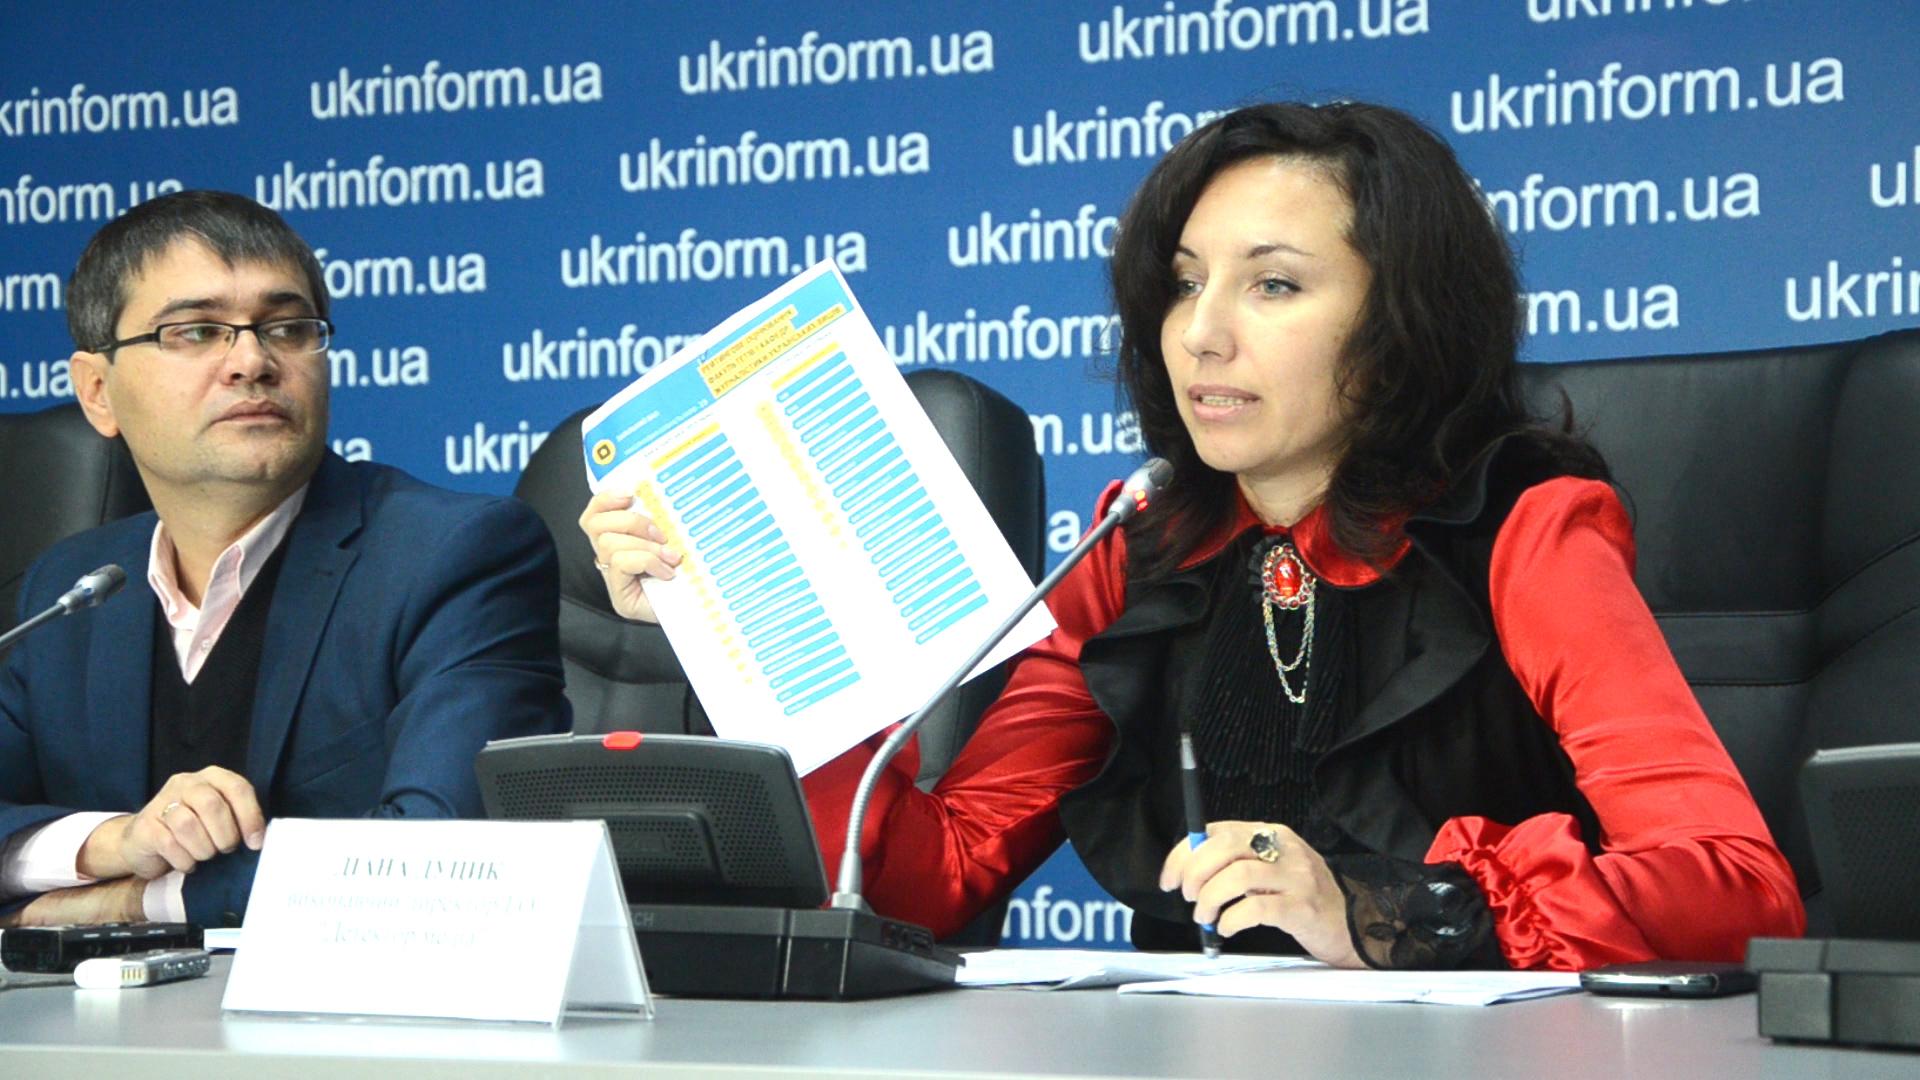 Рейтинг українських факультетів журналістики очолила Школа УКУ - ГО «Детектор медіа»